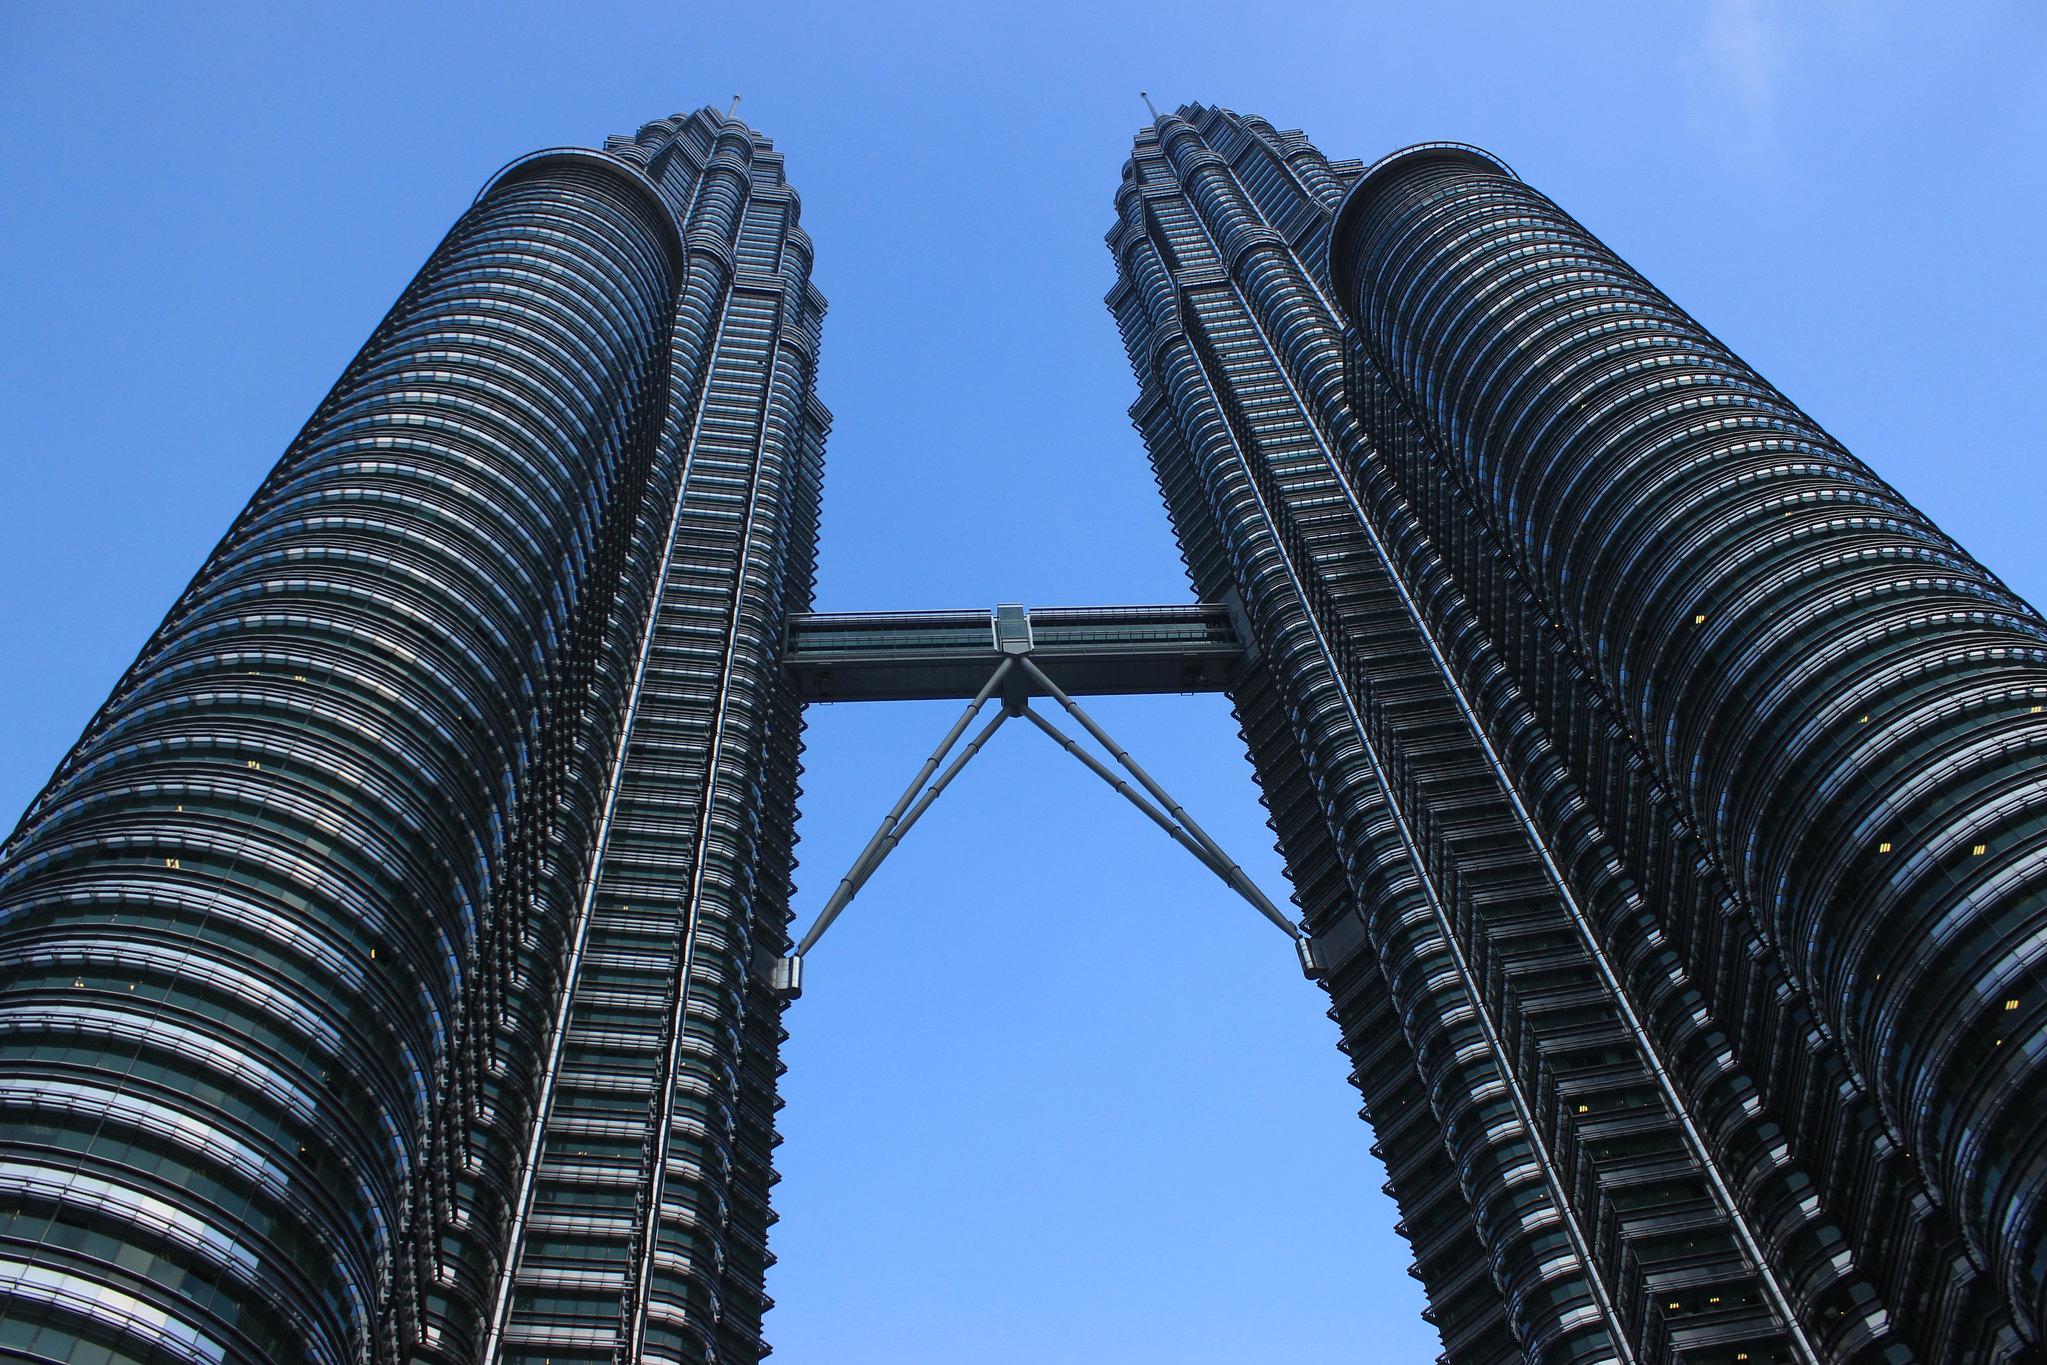 Petronas towering